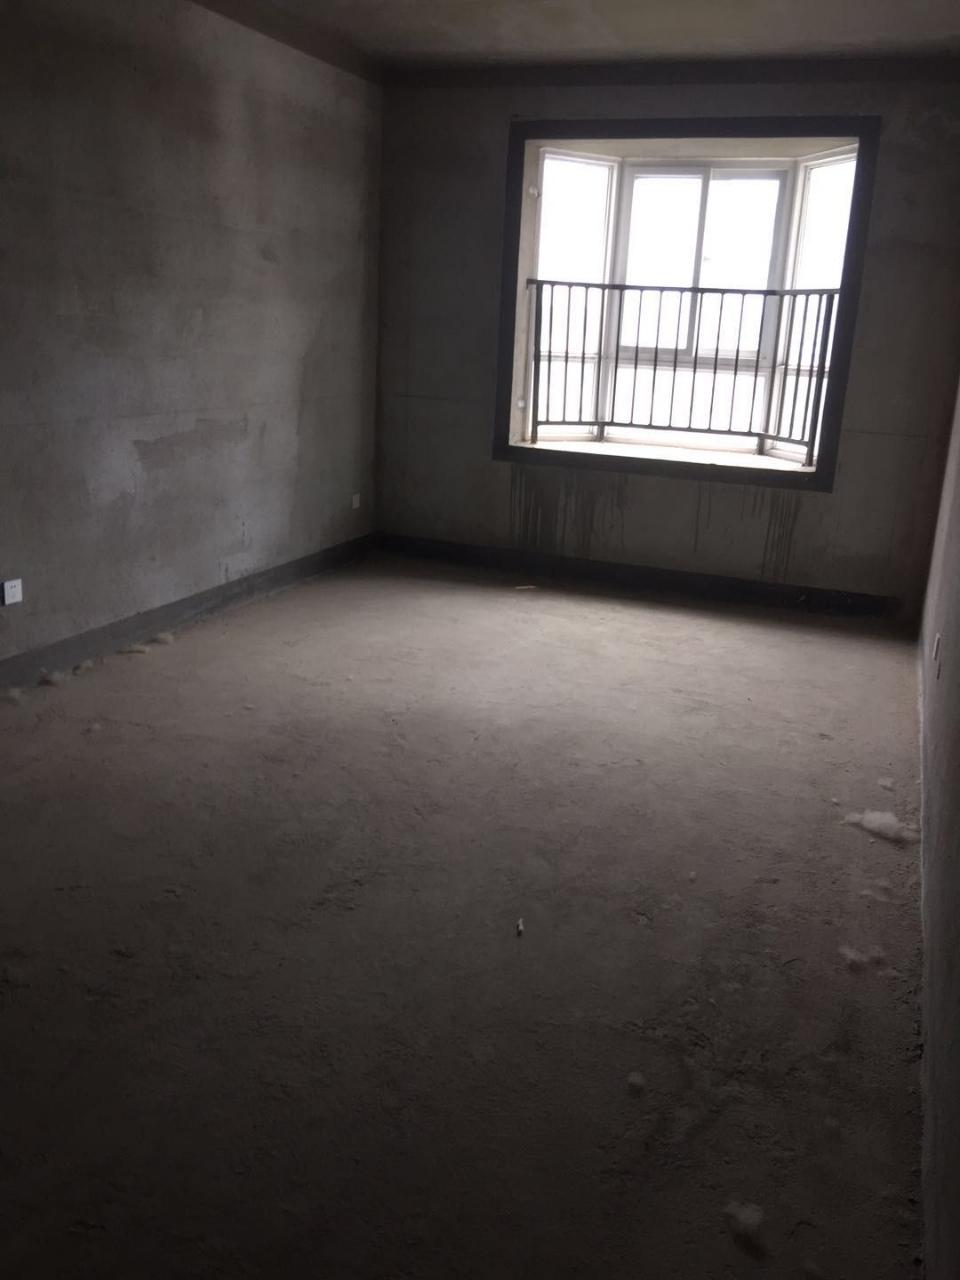 巴黎左岸楼王位置3室2厅2卫90万元